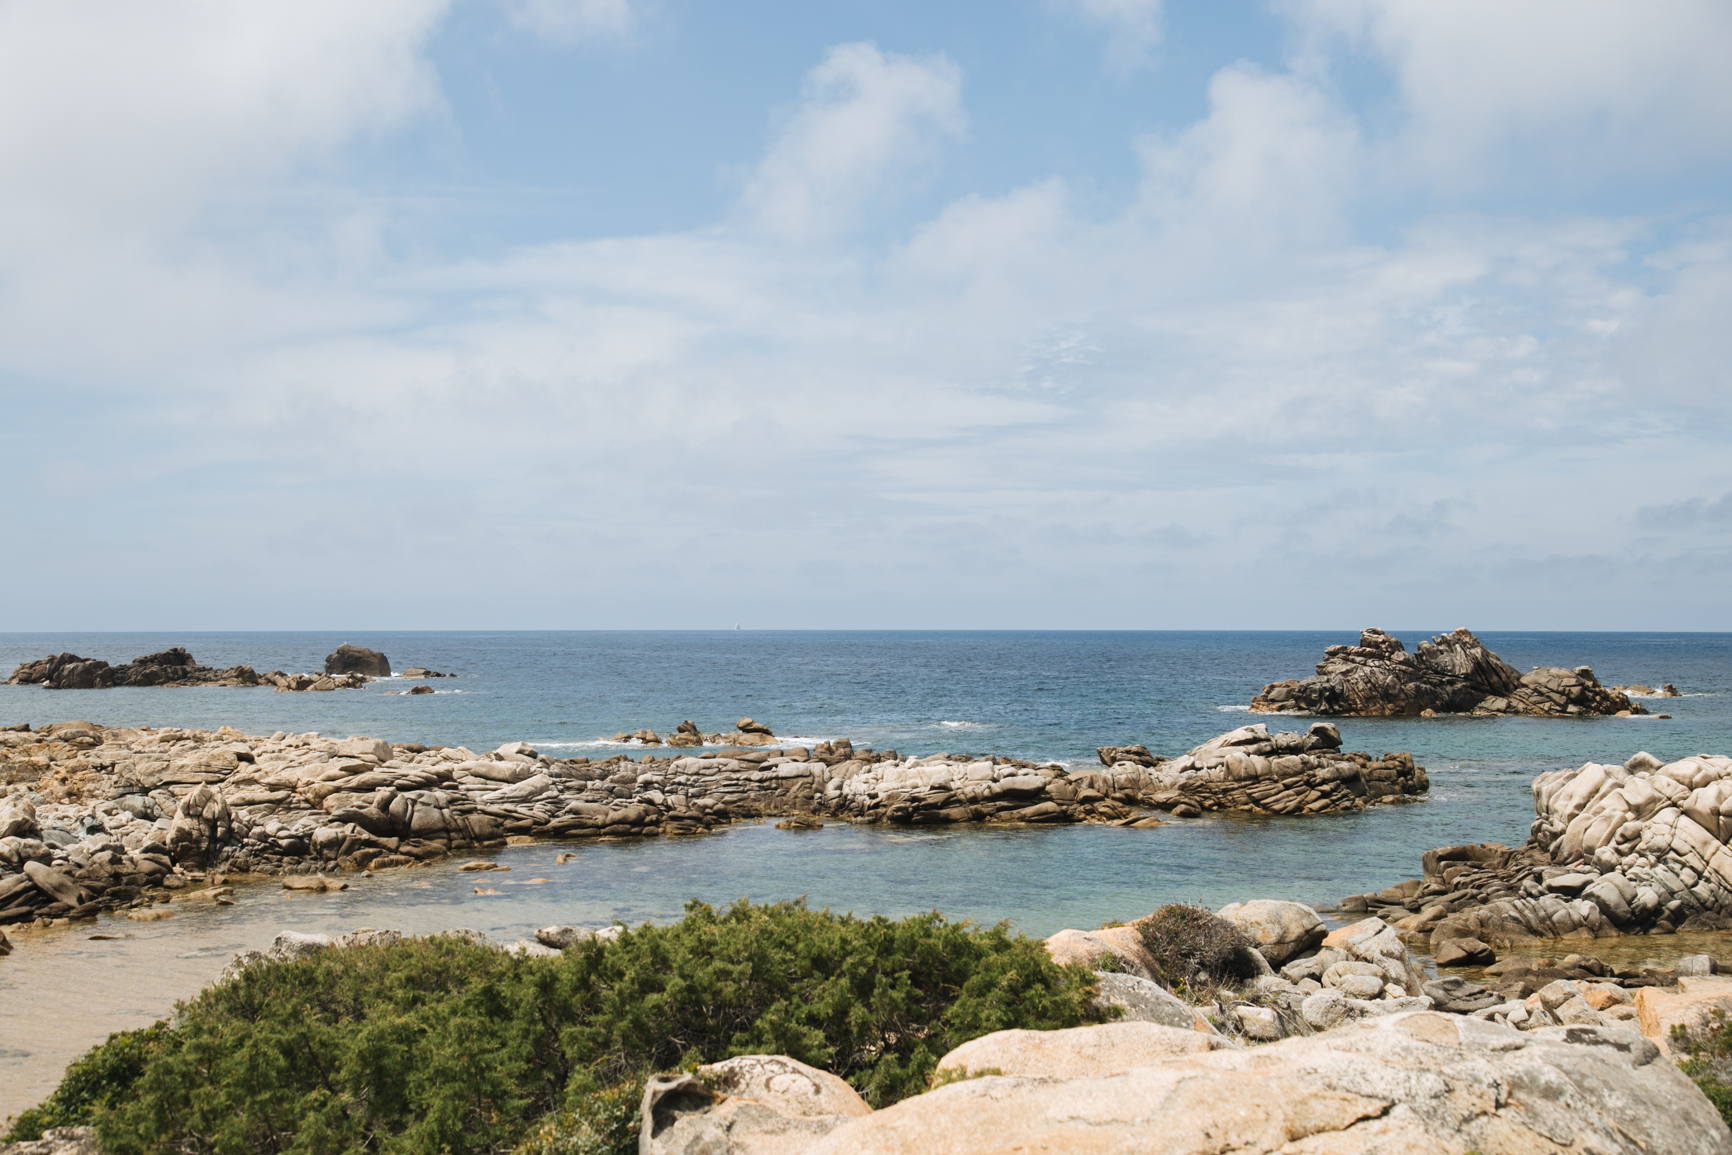 Campomoro-sentier-littoral-blog-voyage-corse-onmyway-10.jpg